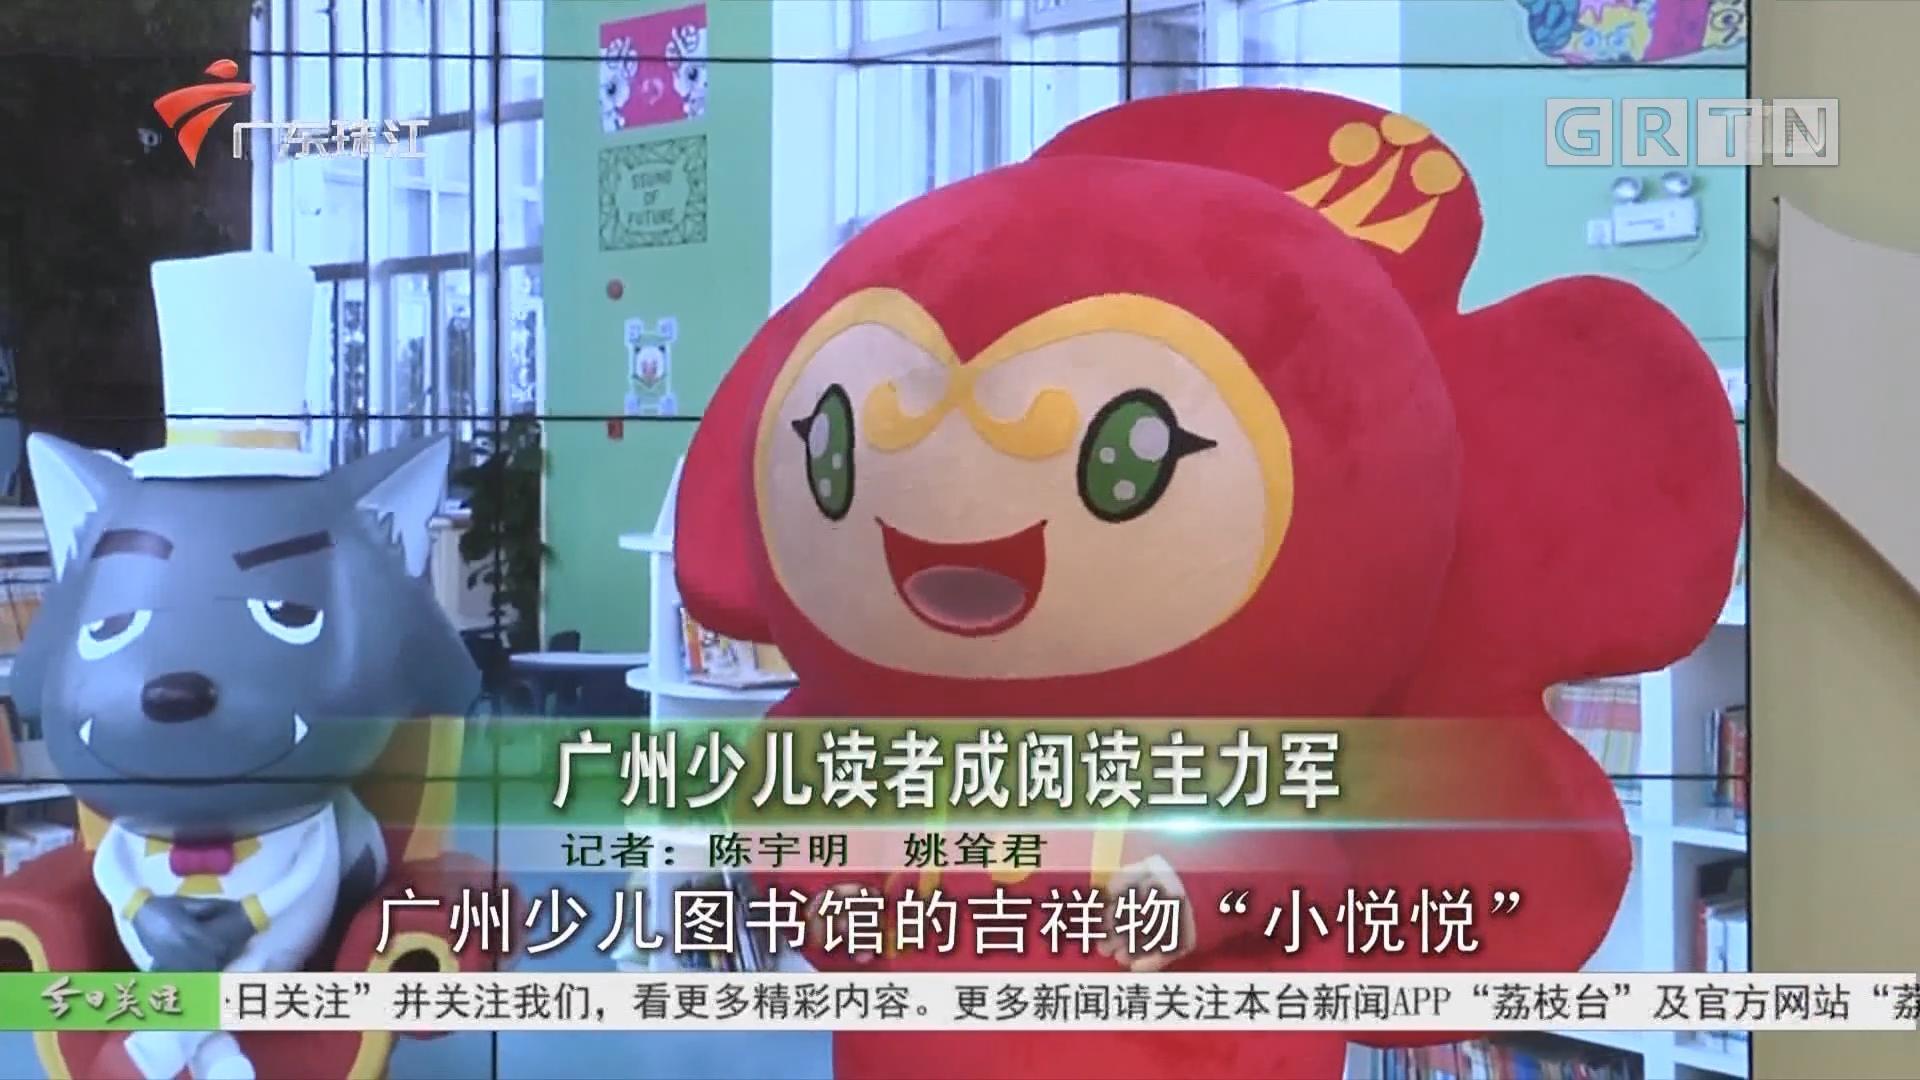 广州少儿读者成阅读主力军